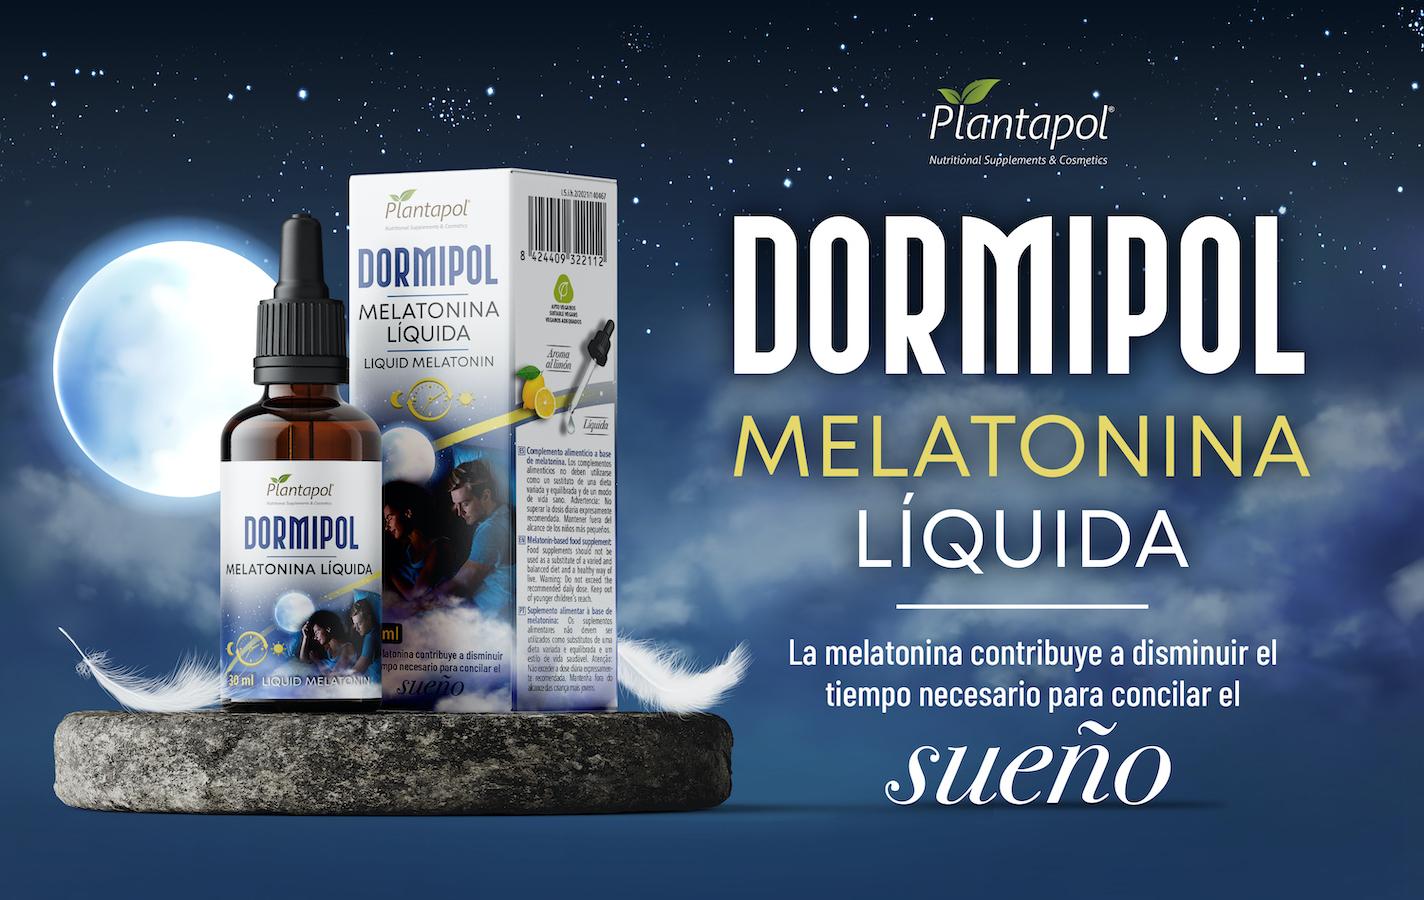 Dormipol Melatonina líquida